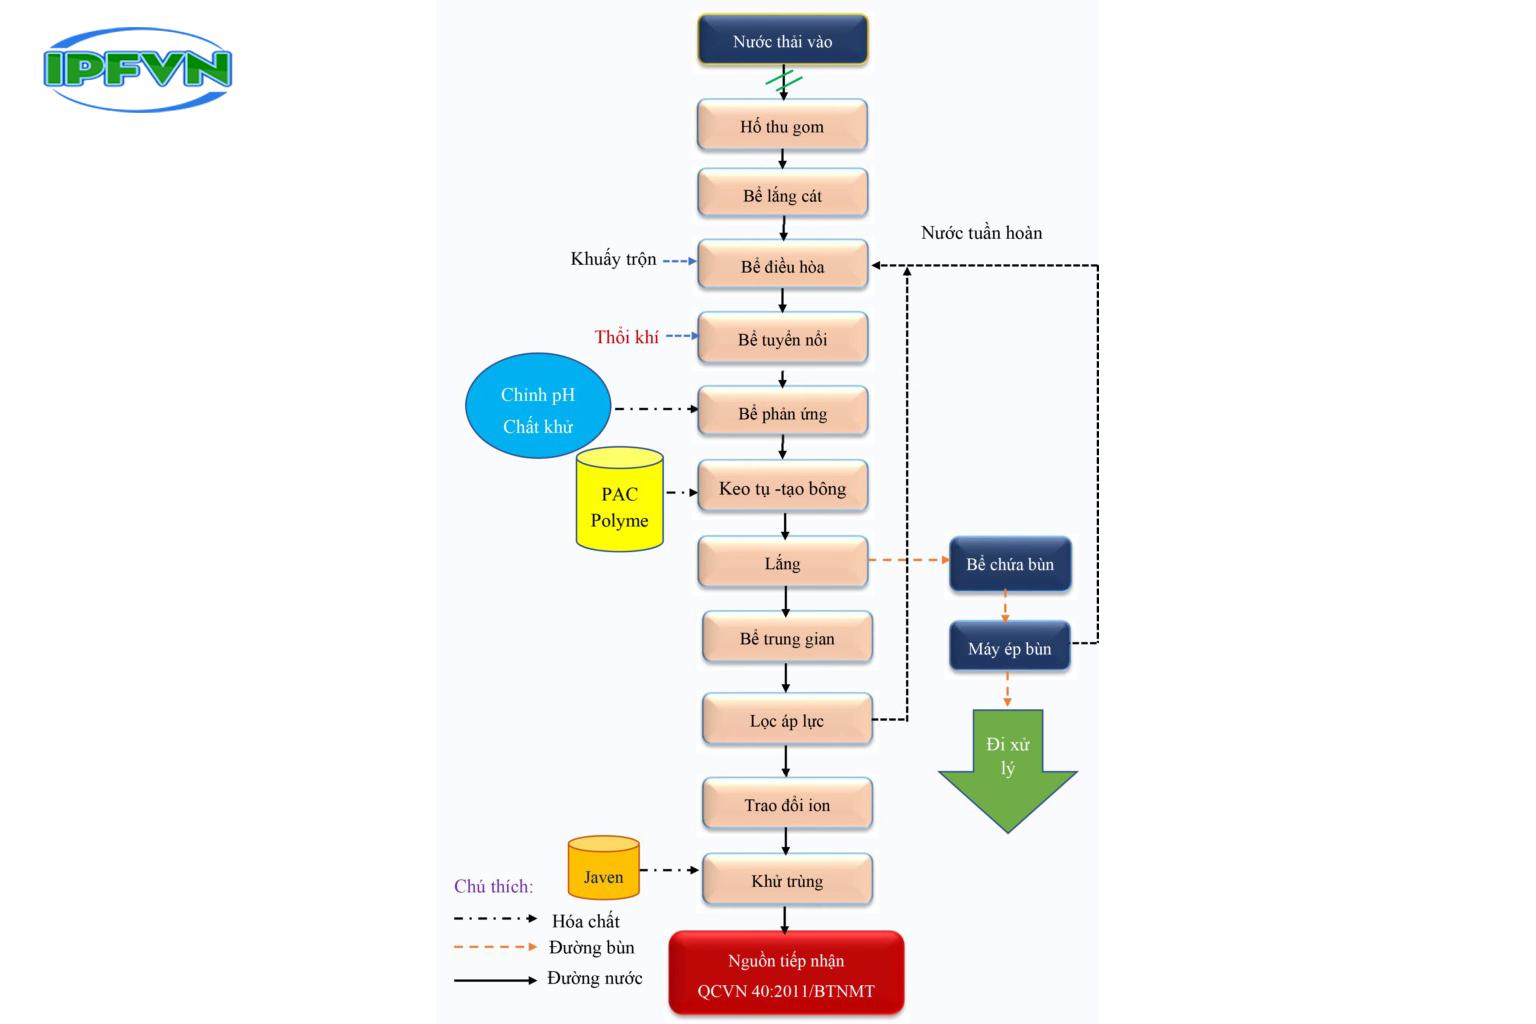 Diễn đàn rao vặt tổng hợp: Cập nhật hệ thống xử lý nước thải sản xuất công nghiệ FDWuMD5oZkzNSMXOsvWXJAl6IiMC90bAAwMW0NhNEOMIGTMzLs8zeRqdcxrQOYInw2NXYOAZXMpHpiSBh-VWNV4VeYn96MgPP3CFzjeR14JRtTzpAgMlPZ71vFBk0A